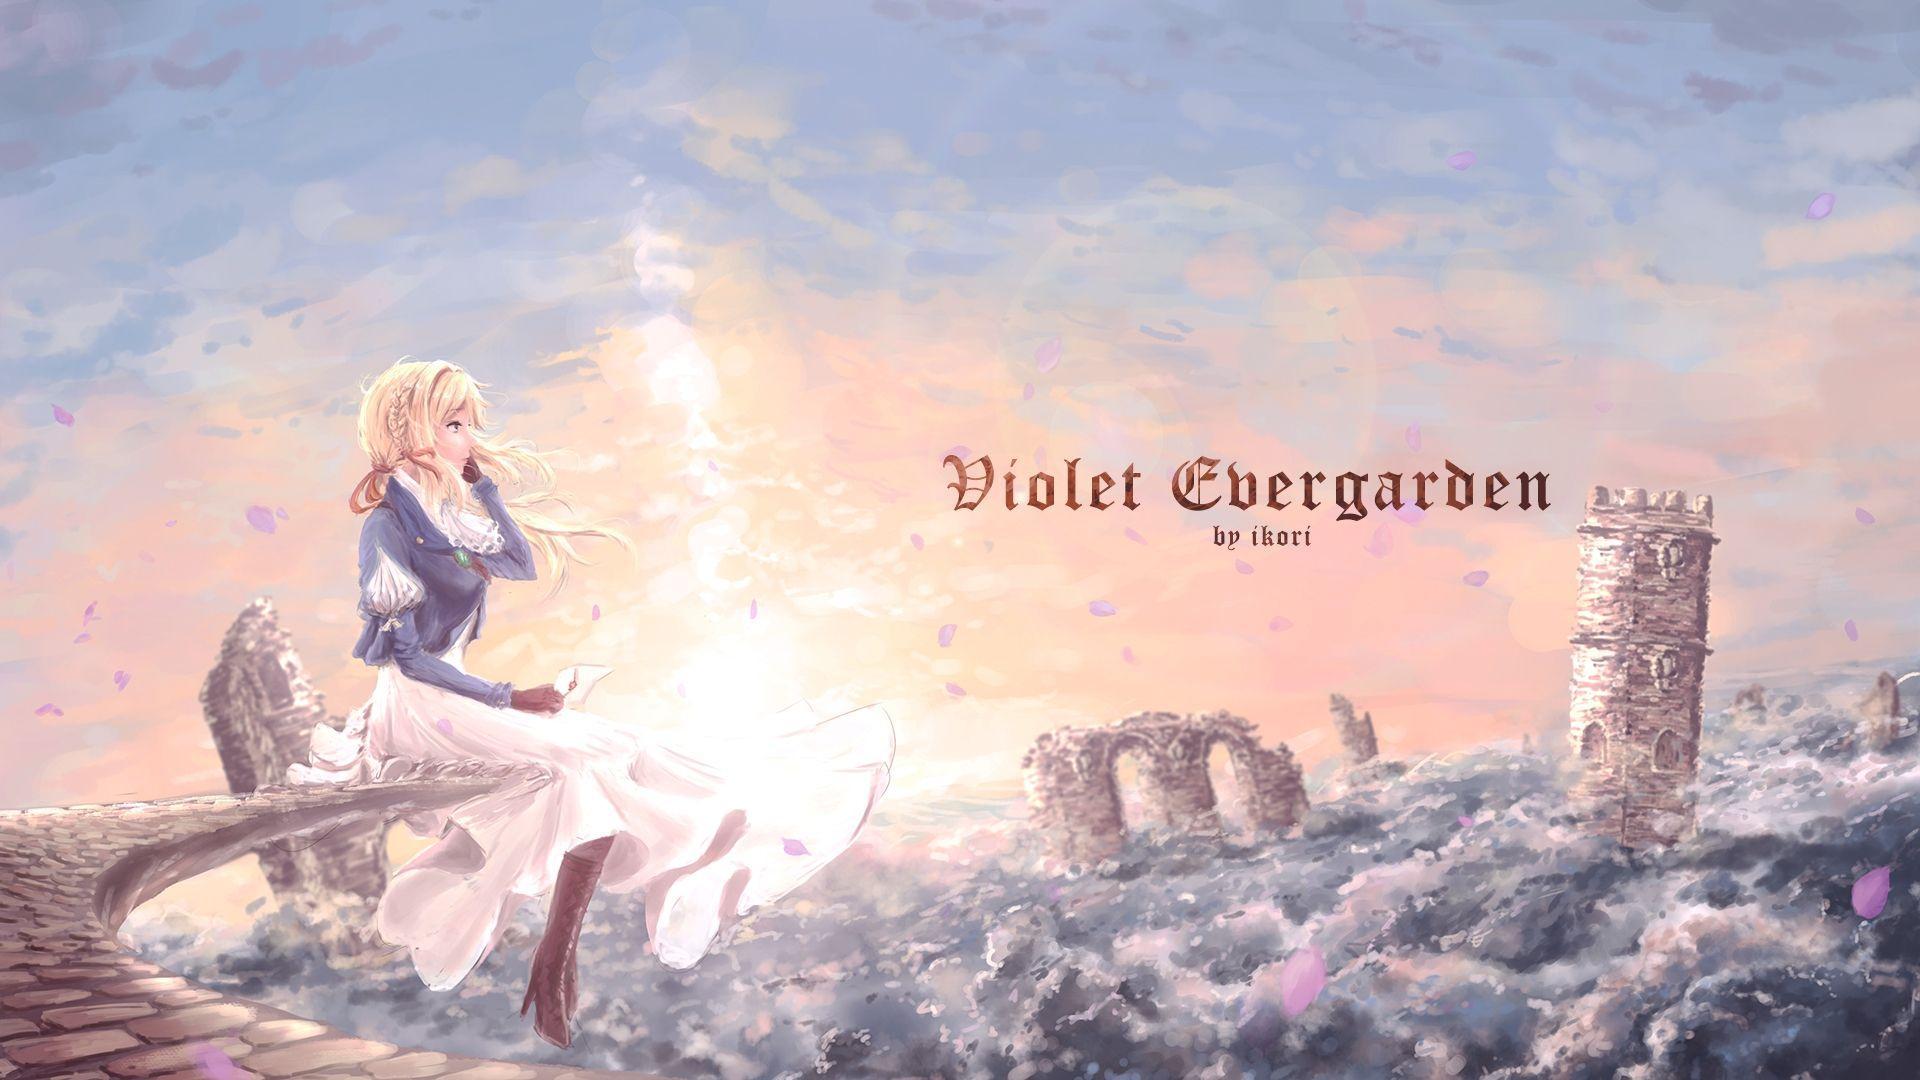 Violet Evergarden Wallpapers Top Free Violet Evergarden